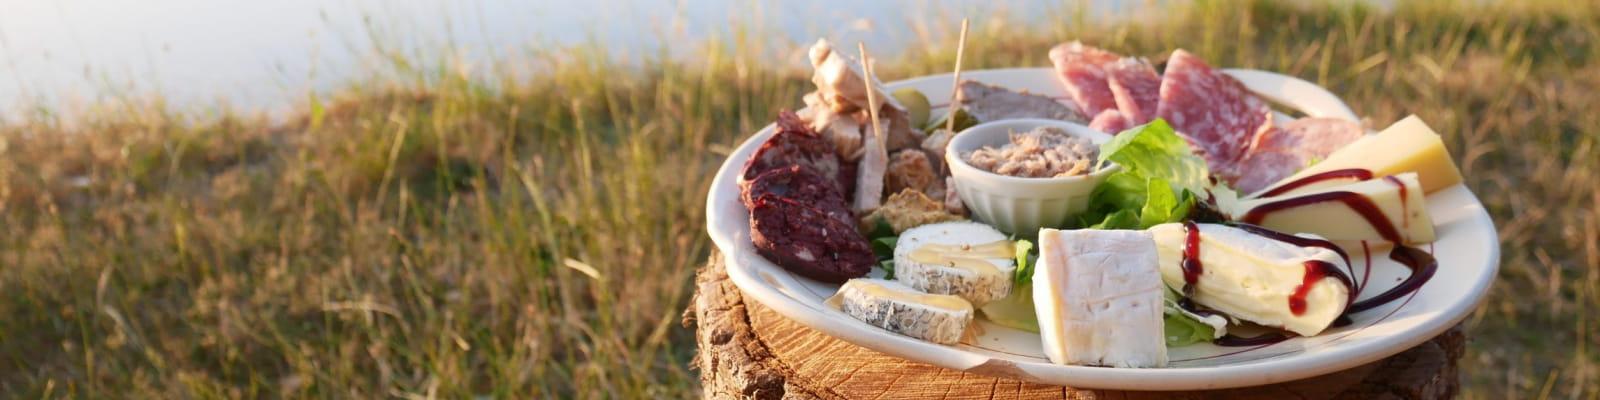 Assiette de charcuterie et de fromage au bord d'un étang